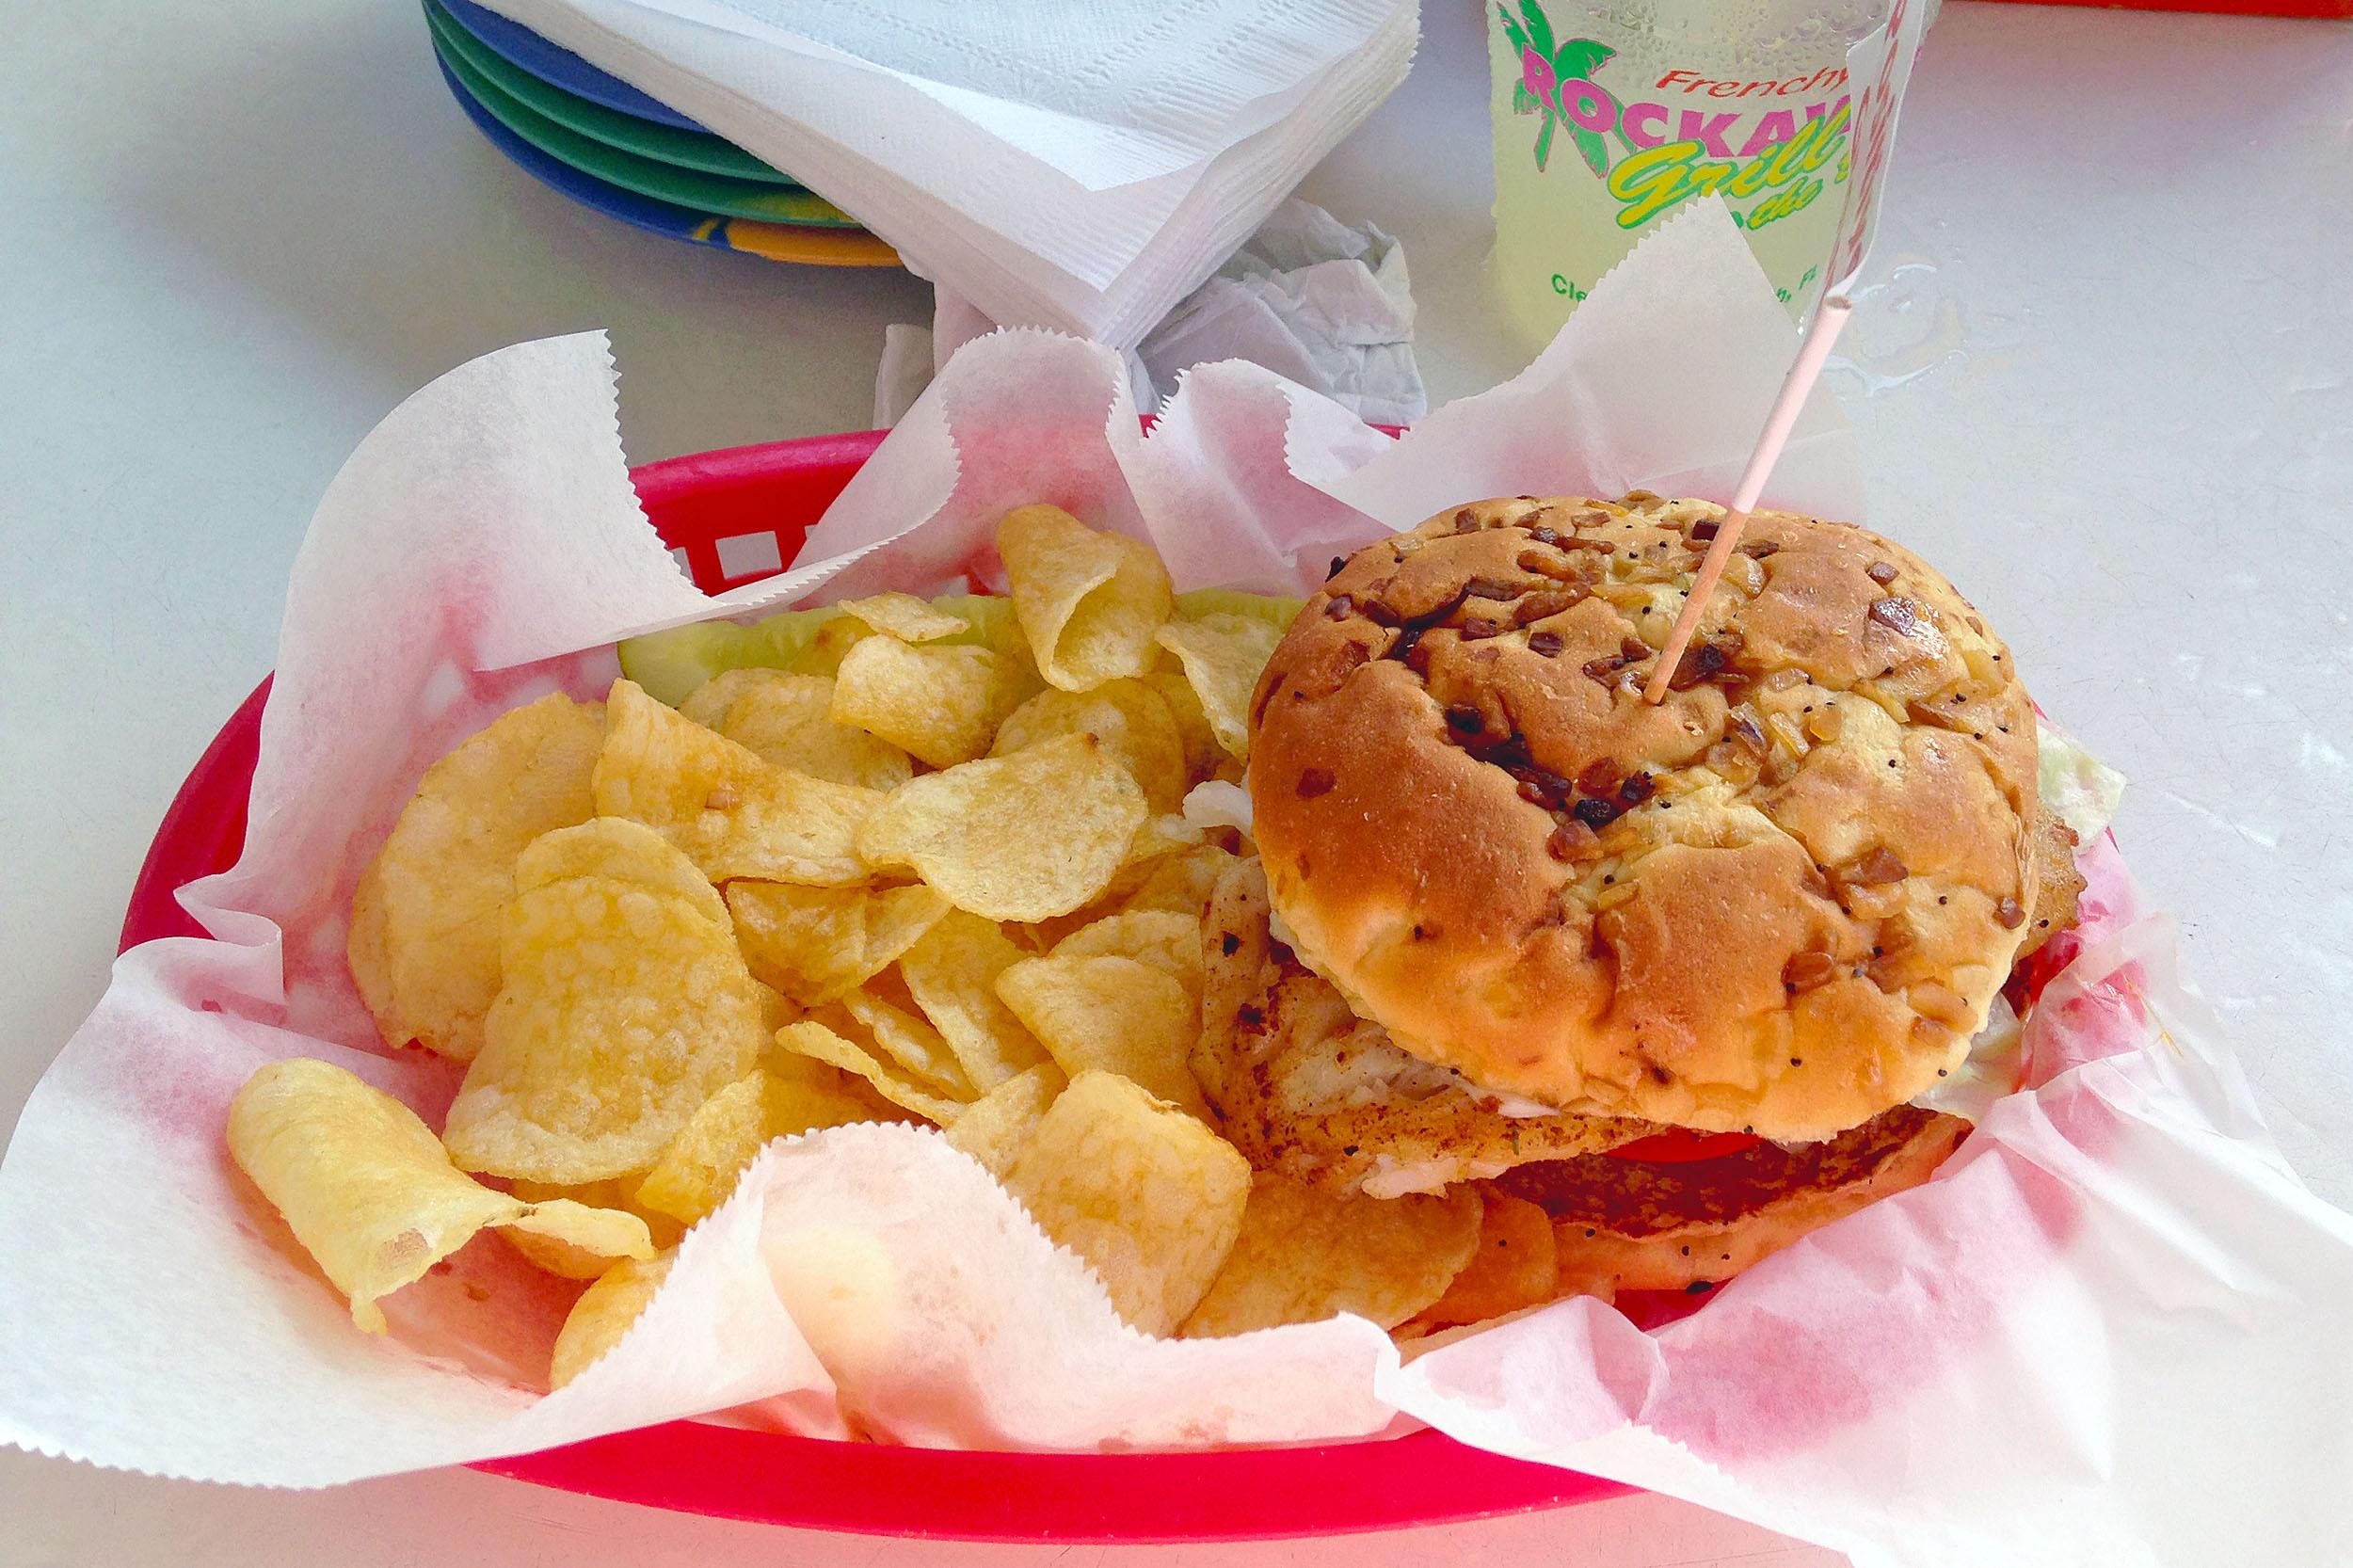 En Grouper Sandwich, som är det som  Frenchy's Rockaway Grill är mest kända för.